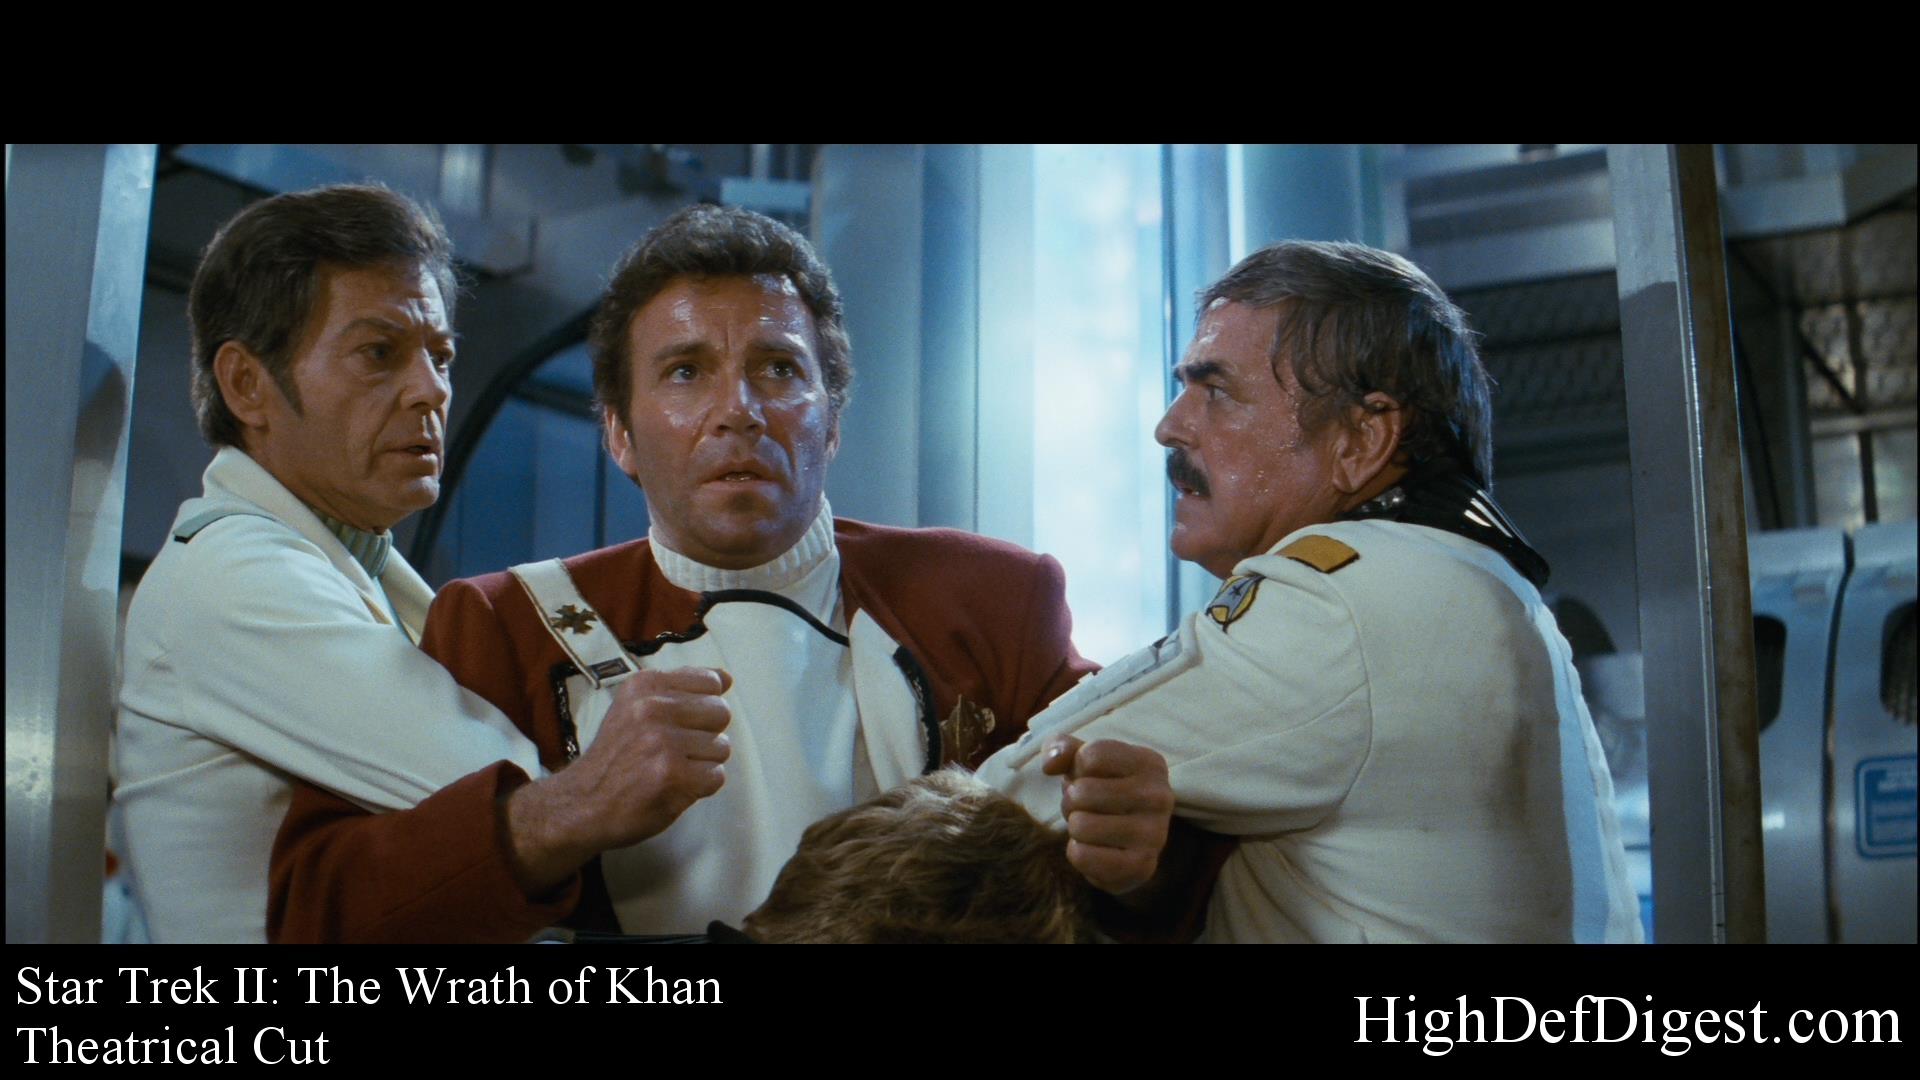 Star Trek: The Wrath of Khan - Comparison 3 (Theatrical Cut)